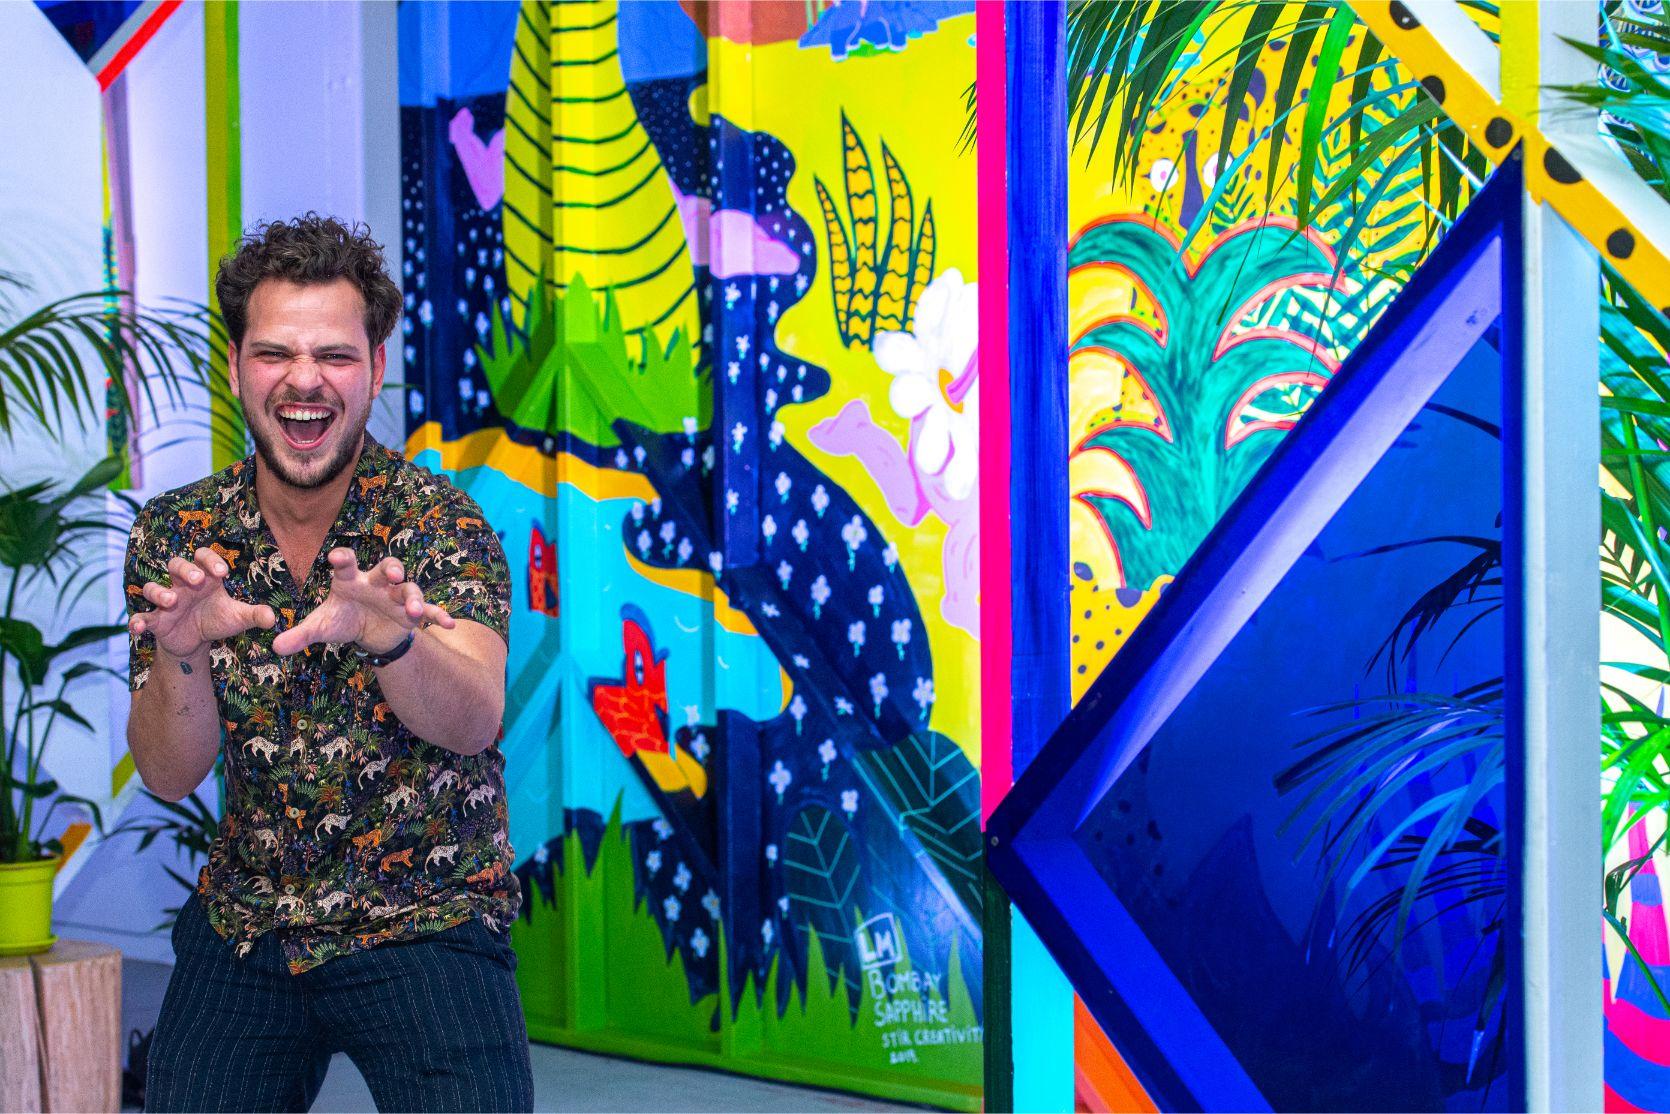 Bruxelles : l'expo temporaire Canvas by Bombay Sapphire revient, et vous devez absolument vous y rendre - 16